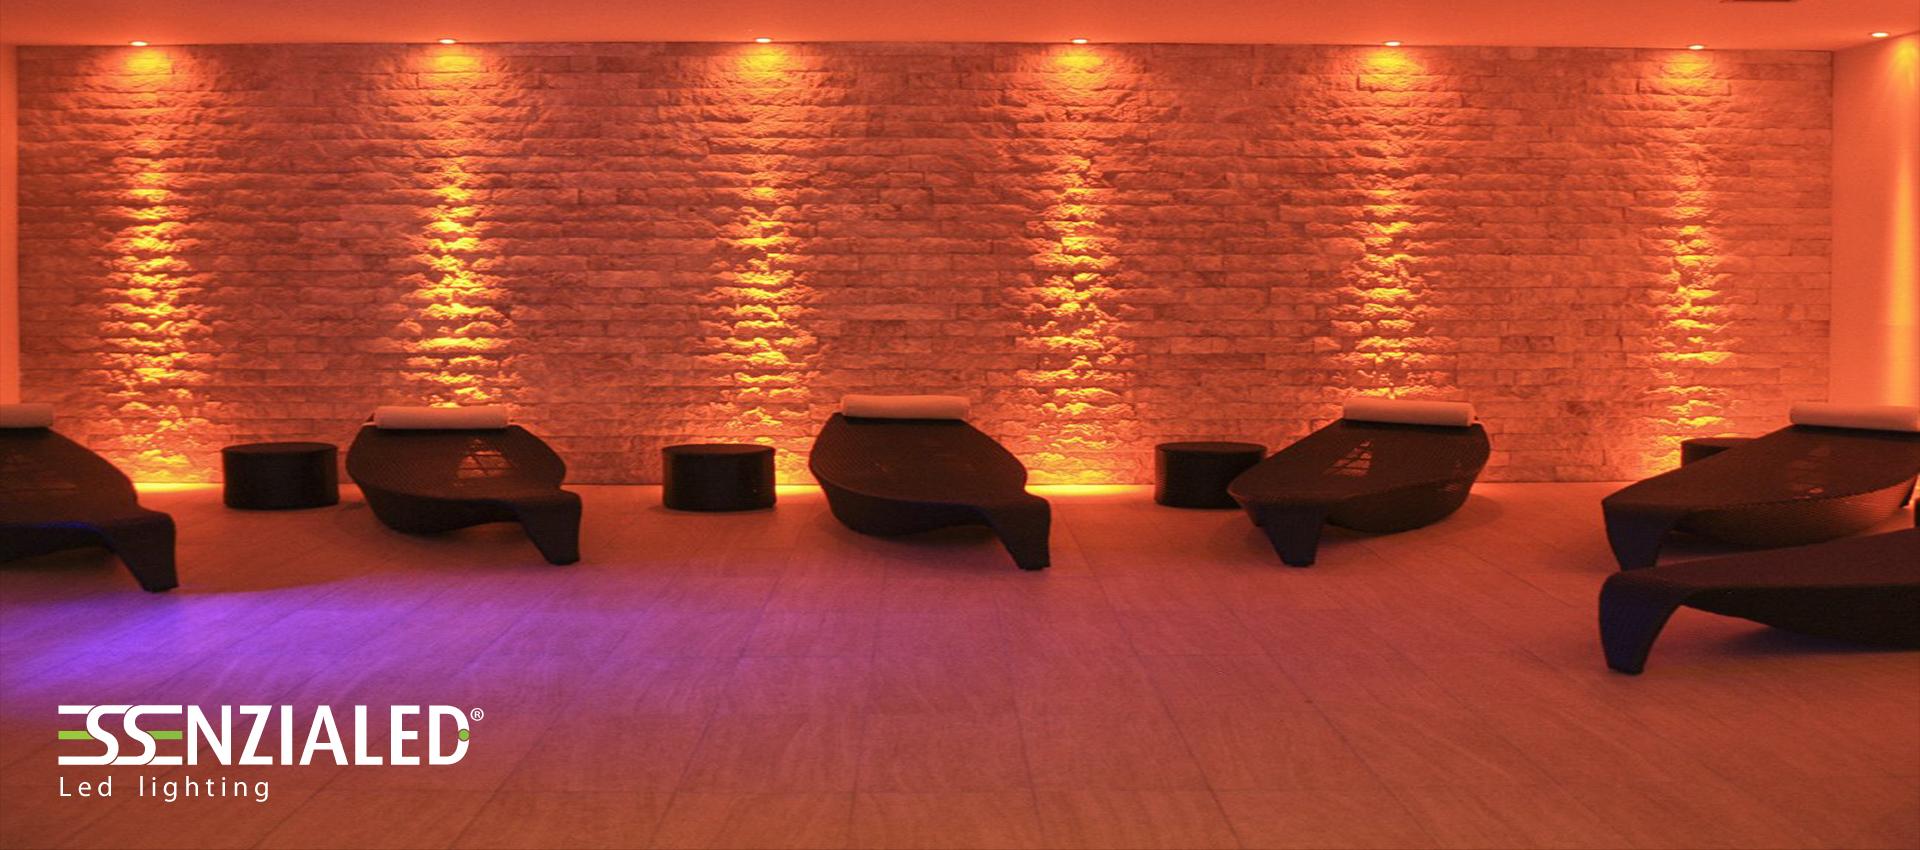 illuminazione per hotel a Led realizzata su misuraEssenzialed – Illuminazione a led